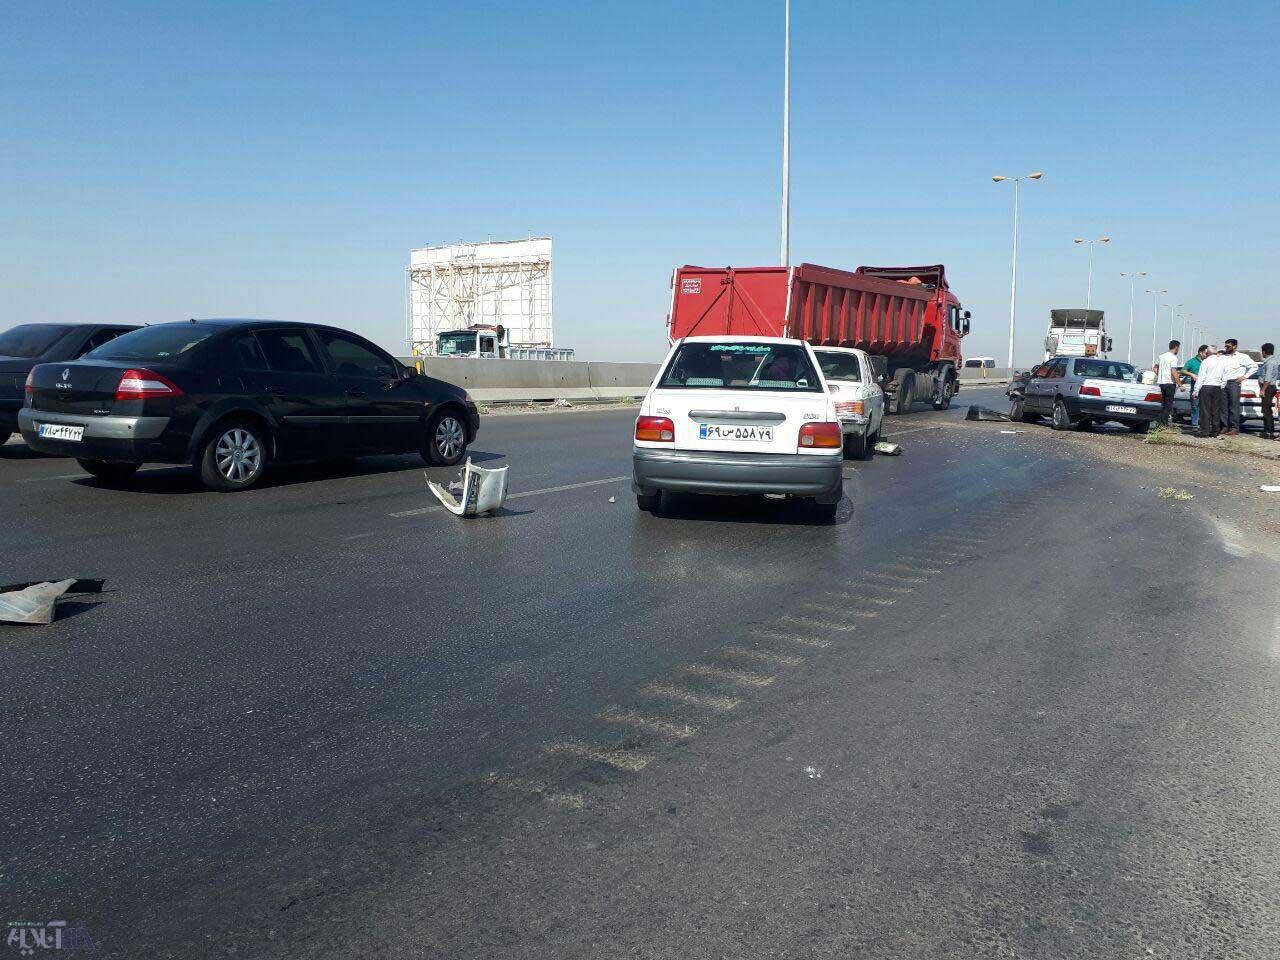 تصاویر   تصادف پرشیا با ۴۰۵ در اتوبان تهران-قزوین